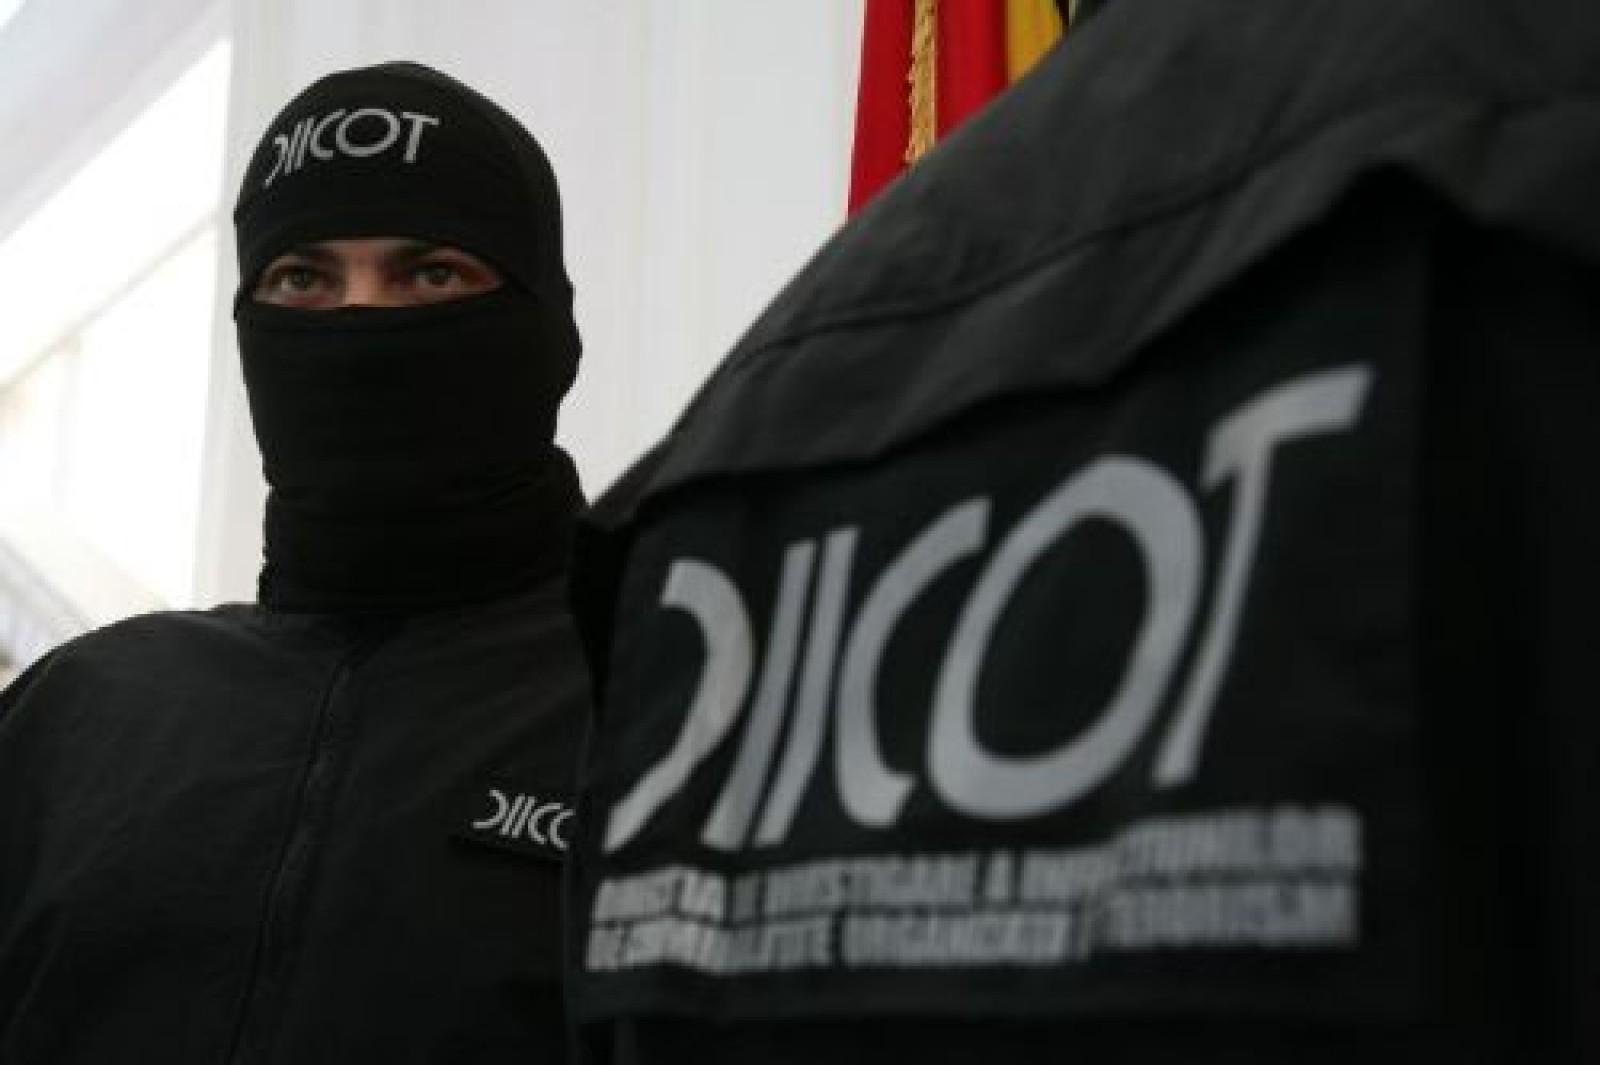 Percheziții DIICOT la un cabinet de dispozitive medicale din Slatina, într-un dosar cu un prejudiciu de 10 milioane lei